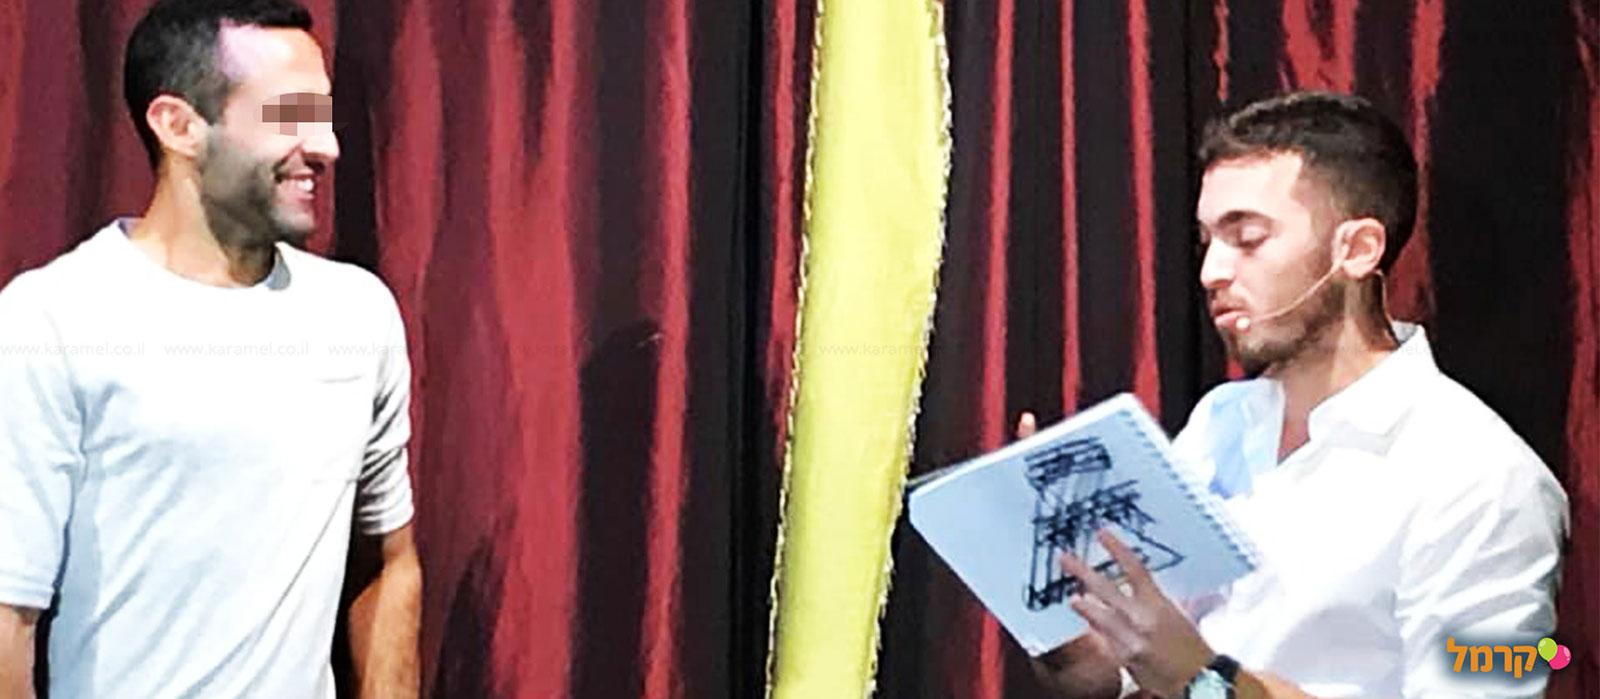 יוהן במופע מנטליזם חדשני - 073-7840232